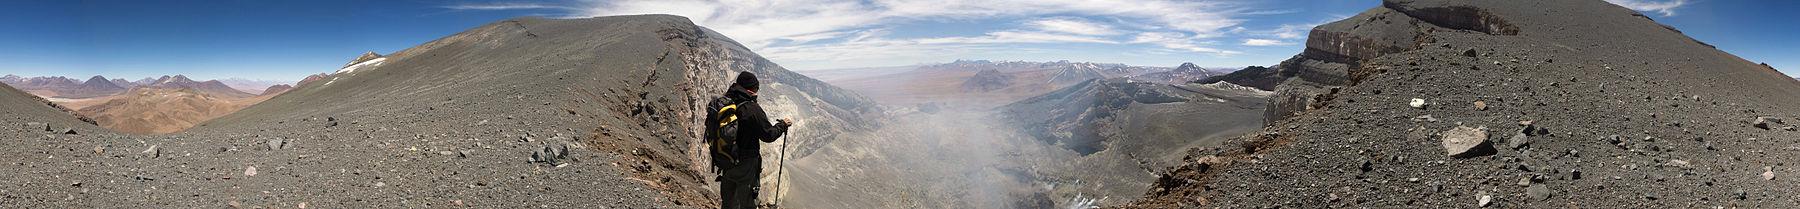 Panorama del cráter del volcán Láscar.